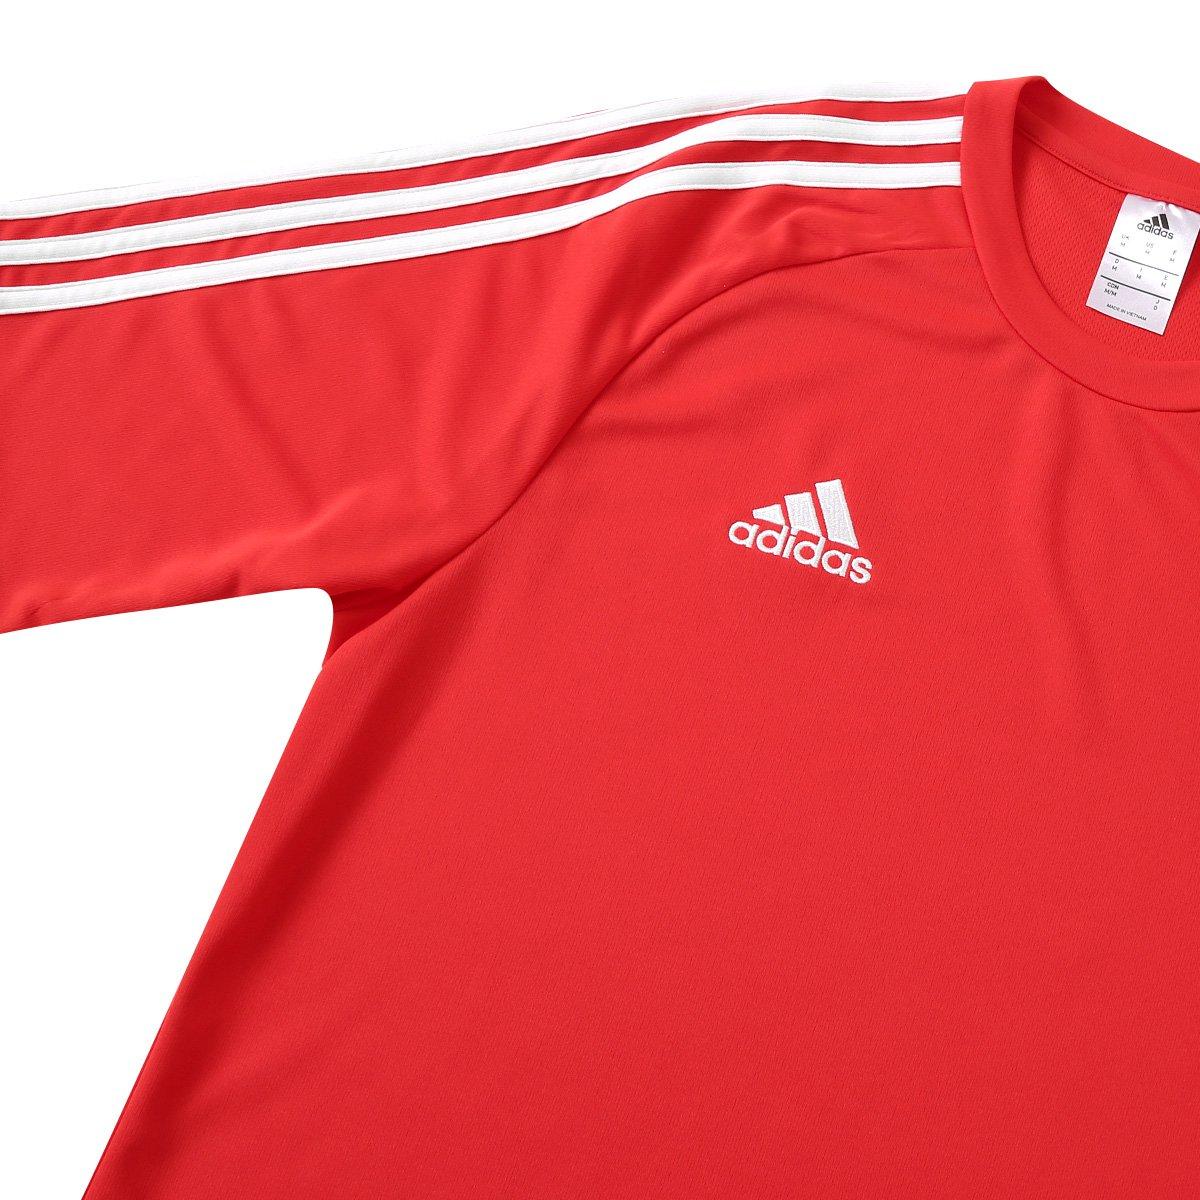 Camisa Adidas Estro 15 Masculina - Vermelho e Preto - Compre Agora ... 88f273cd048ff